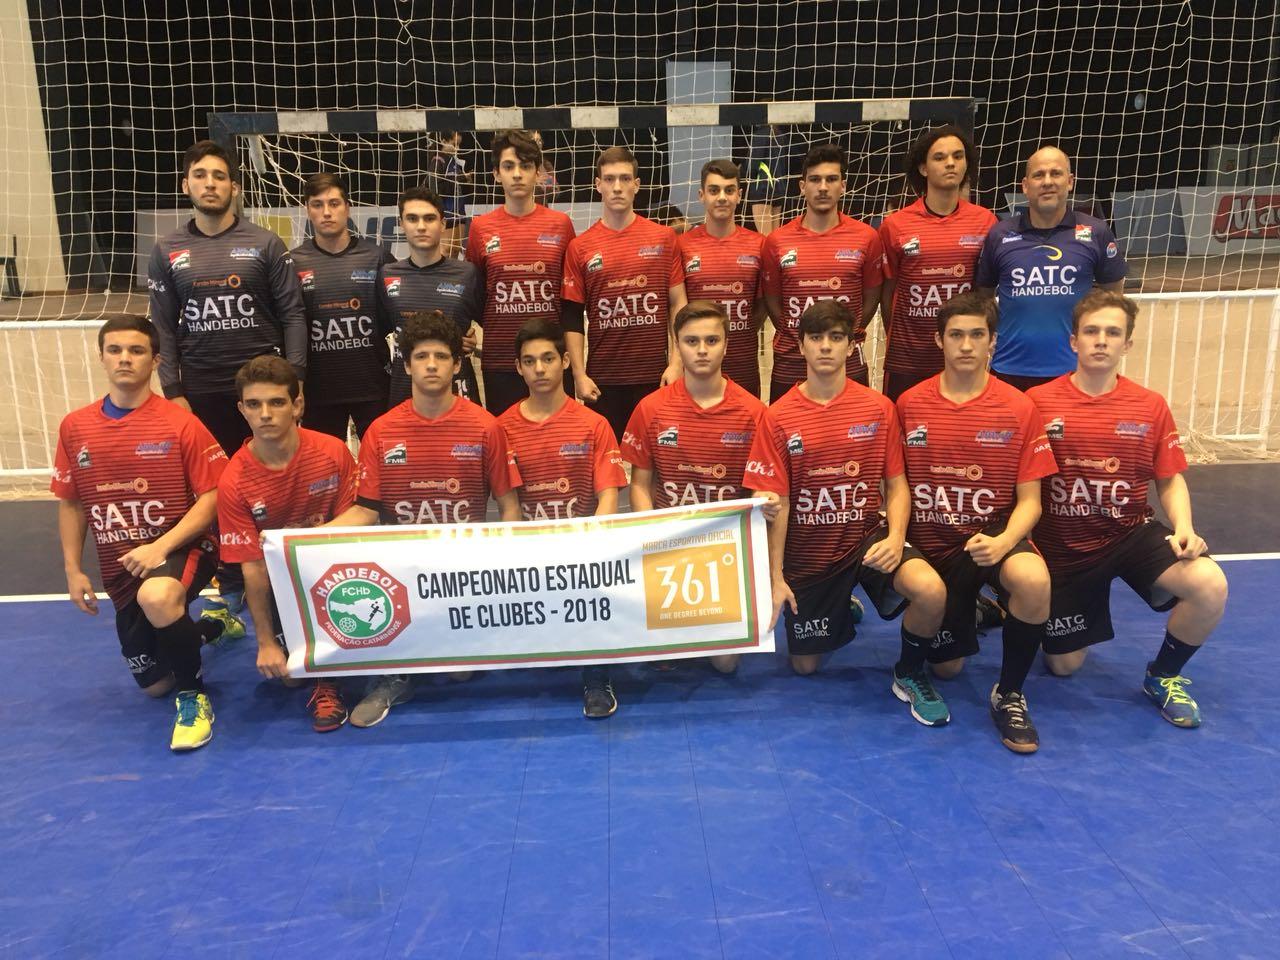 Handebol de Criciúma garante vaga na final do Campeonato Estadual